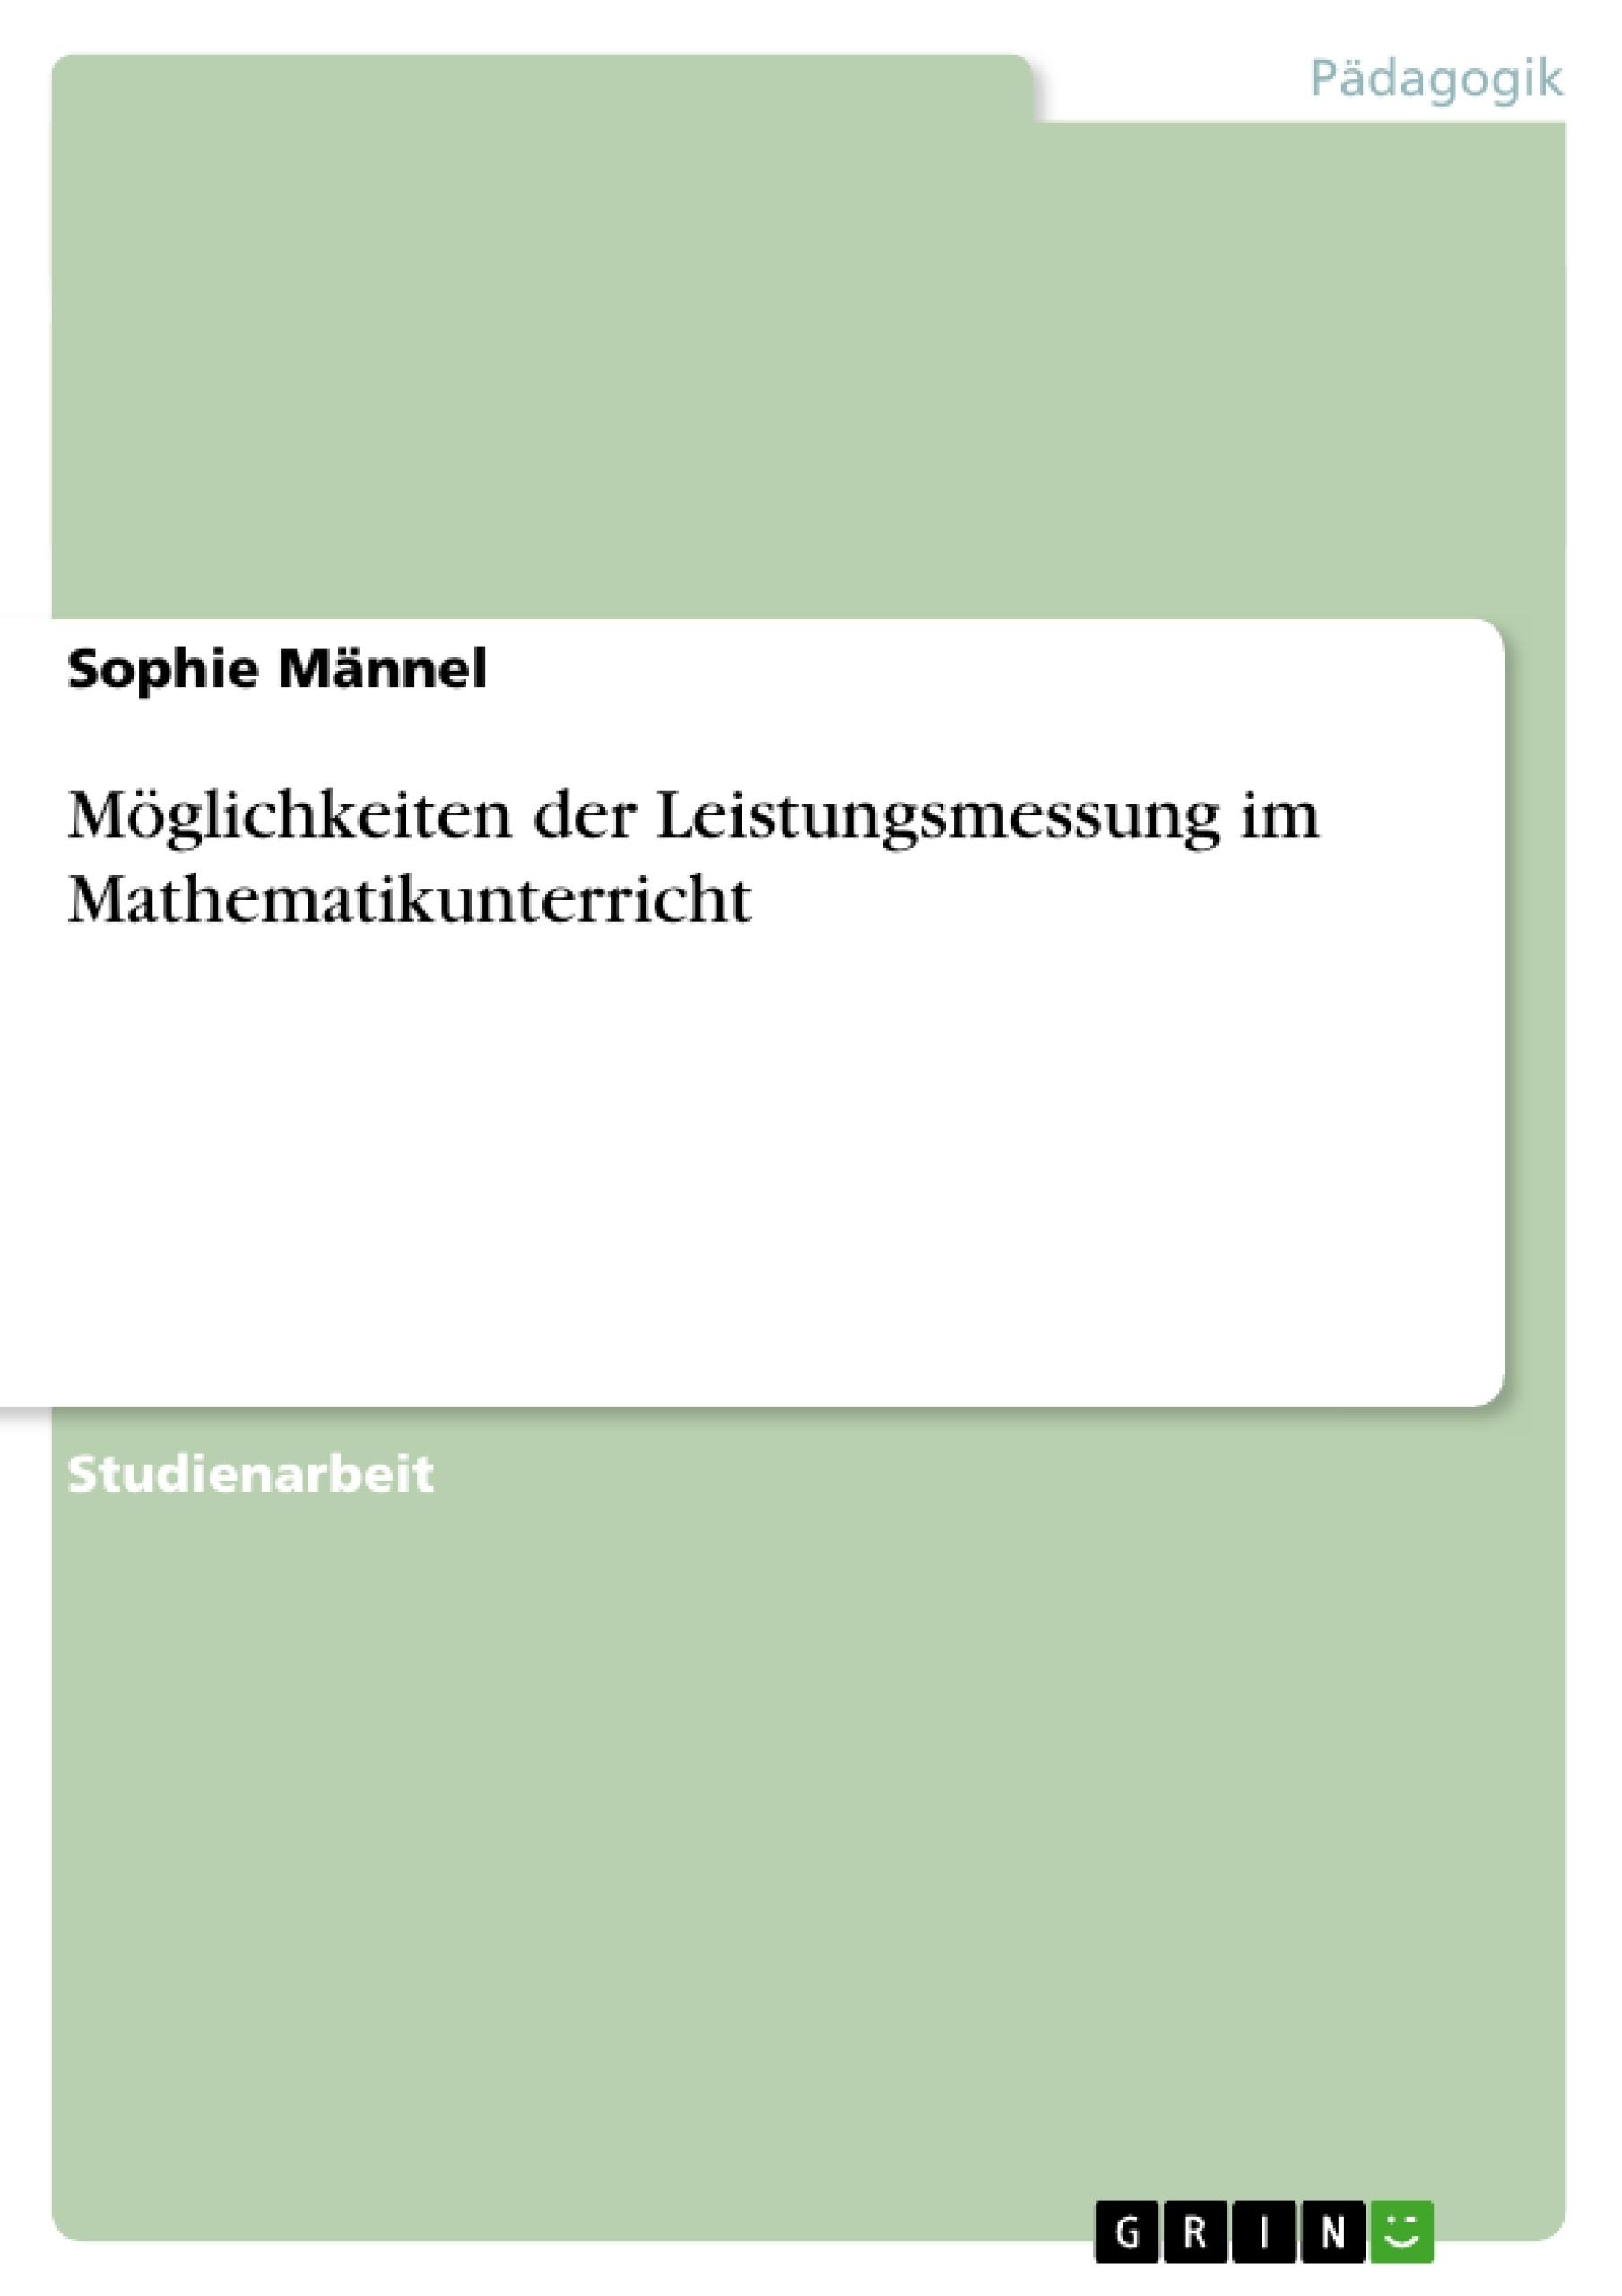 Titel: Möglichkeiten der Leistungsmessung im Mathematikunterricht